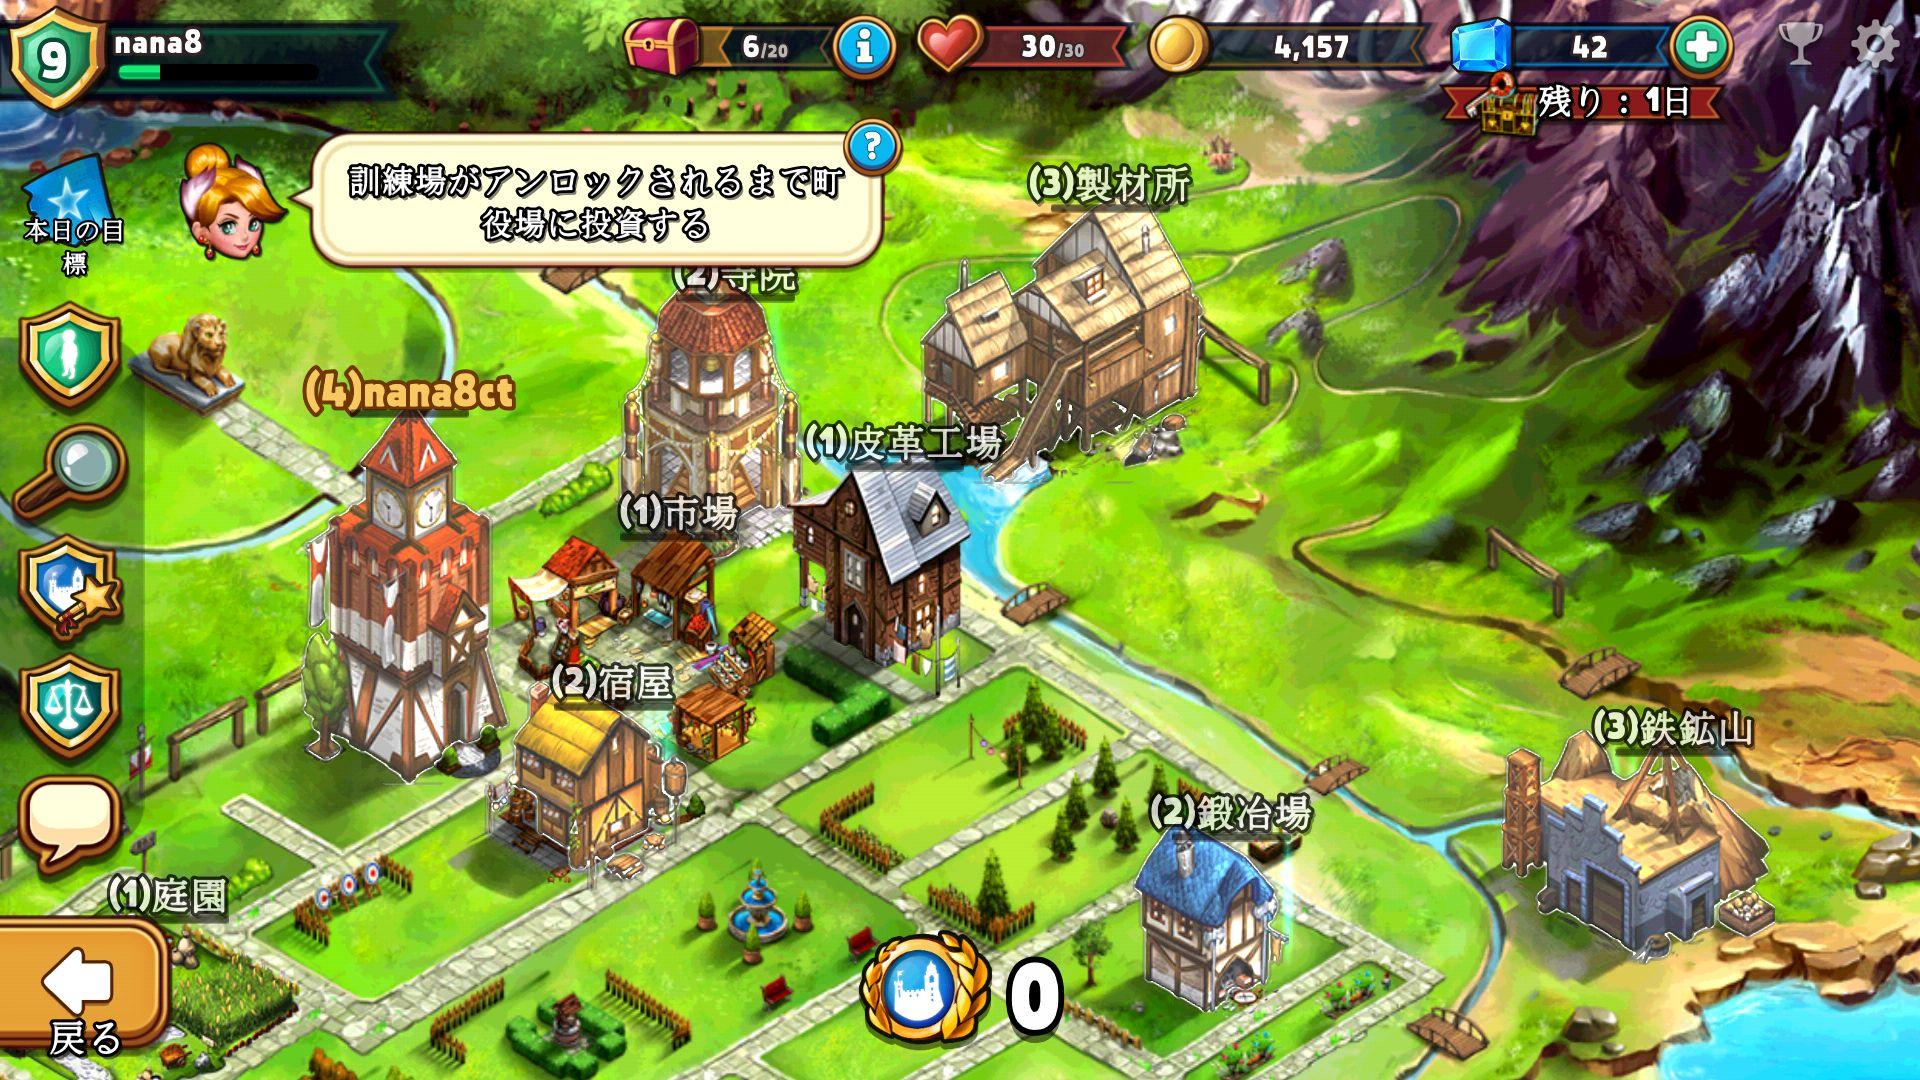 ショップヒーローズ(Shop Heroes) androidアプリスクリーンショット3